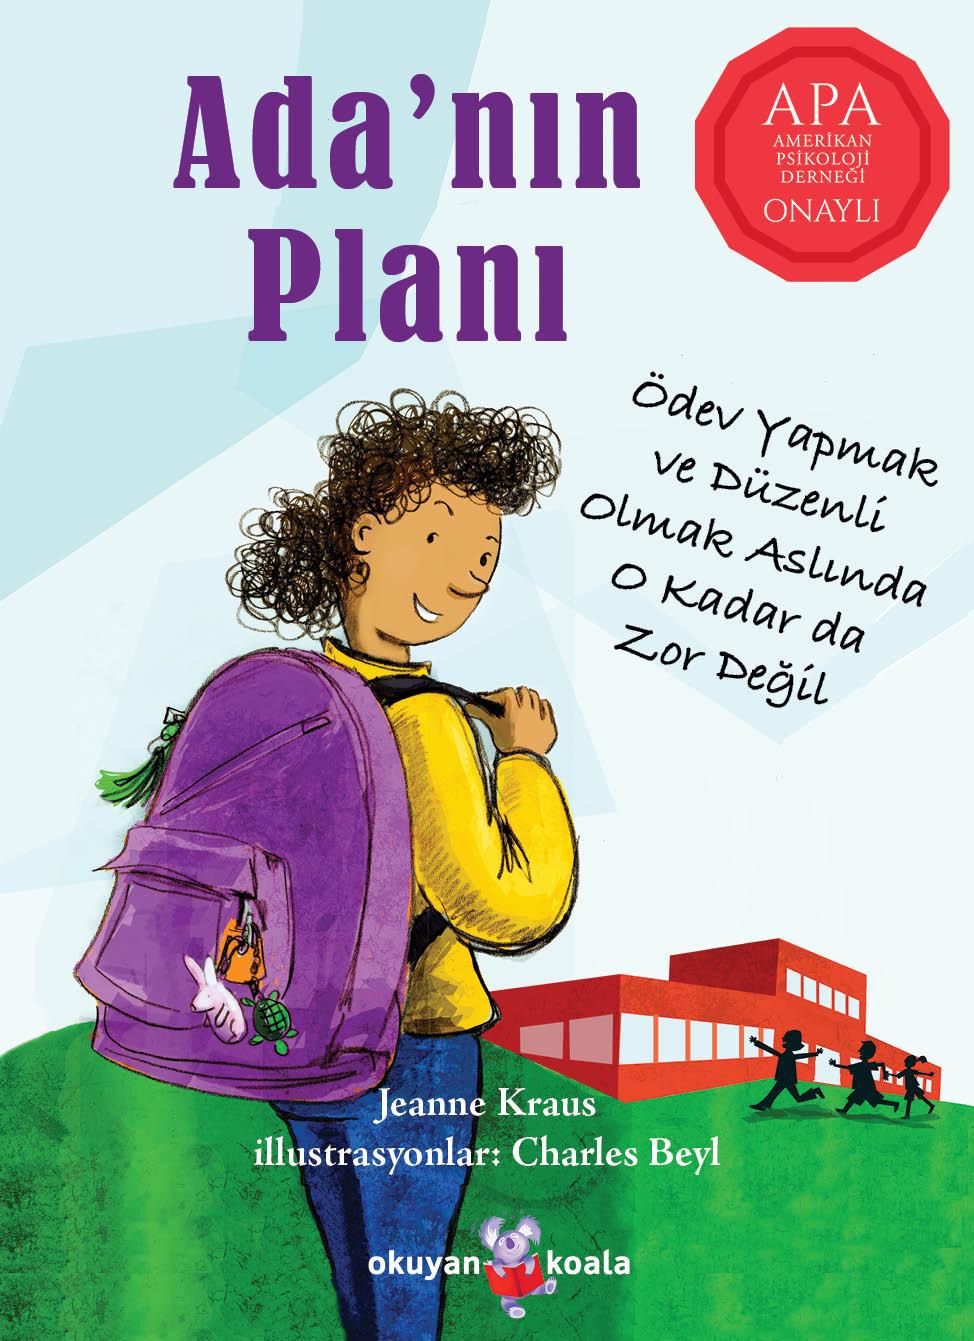 adanin_plani_kapak.jpg